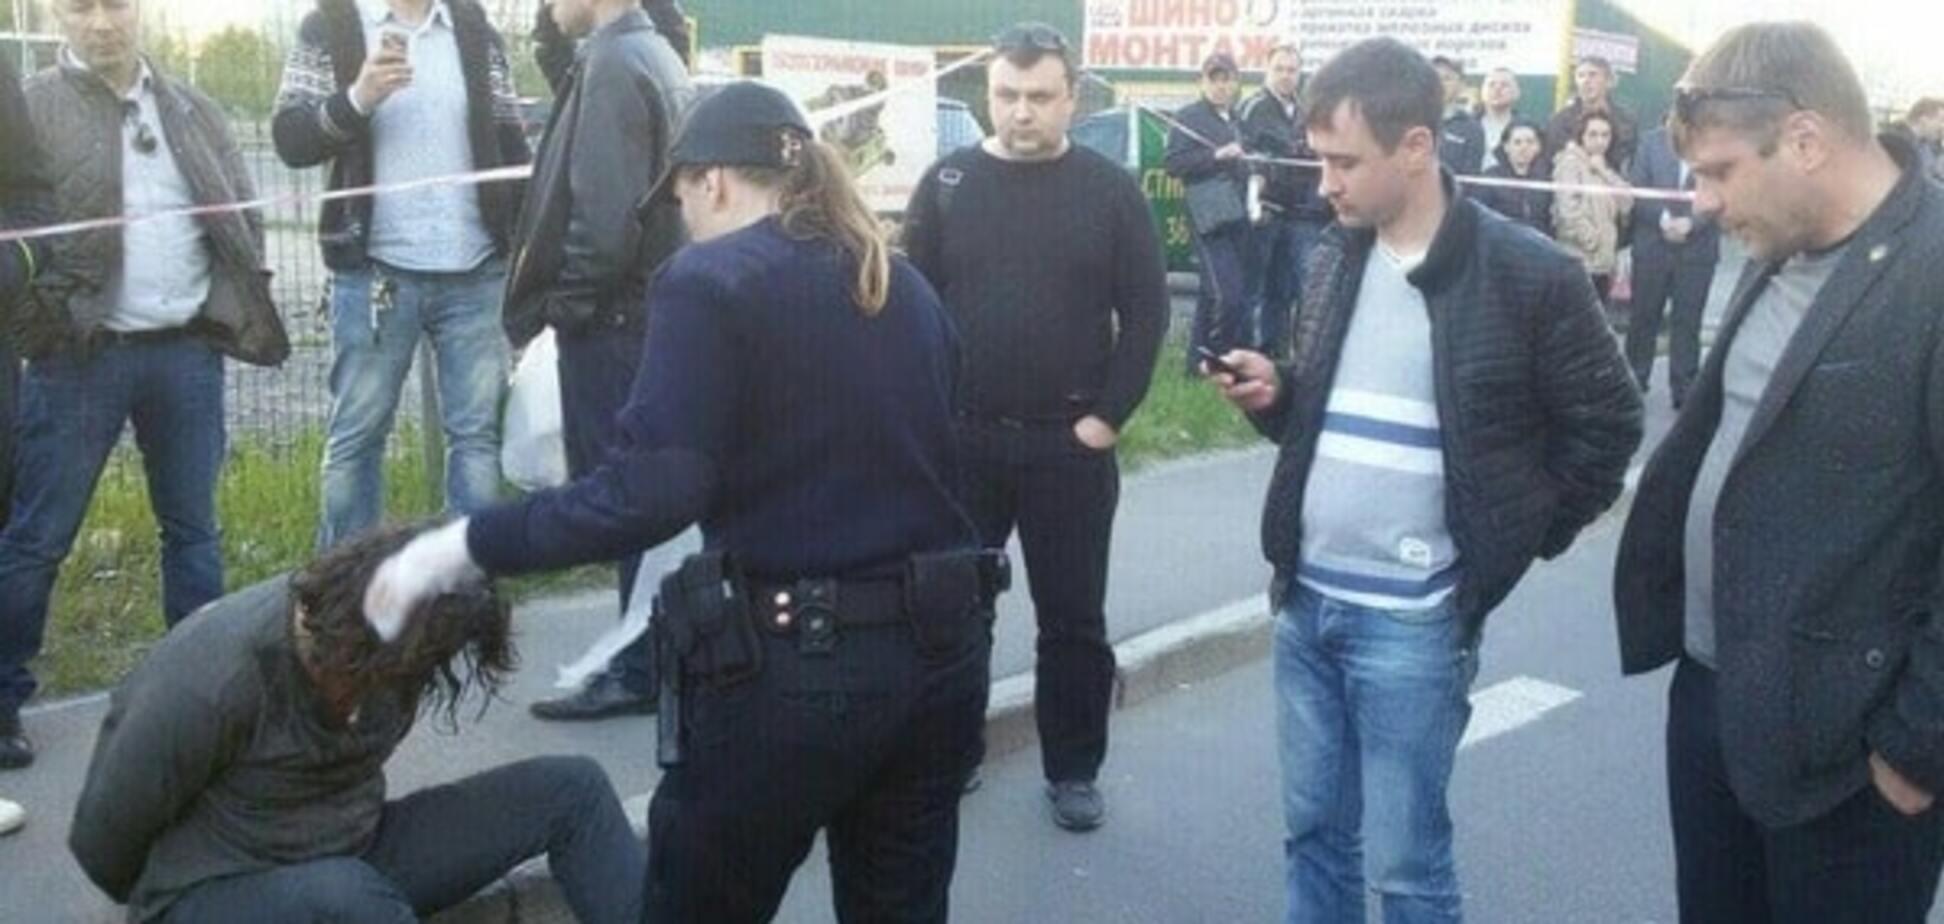 Водій-чемпіон із Infiniti розповів про інцидент із поліцією Києва